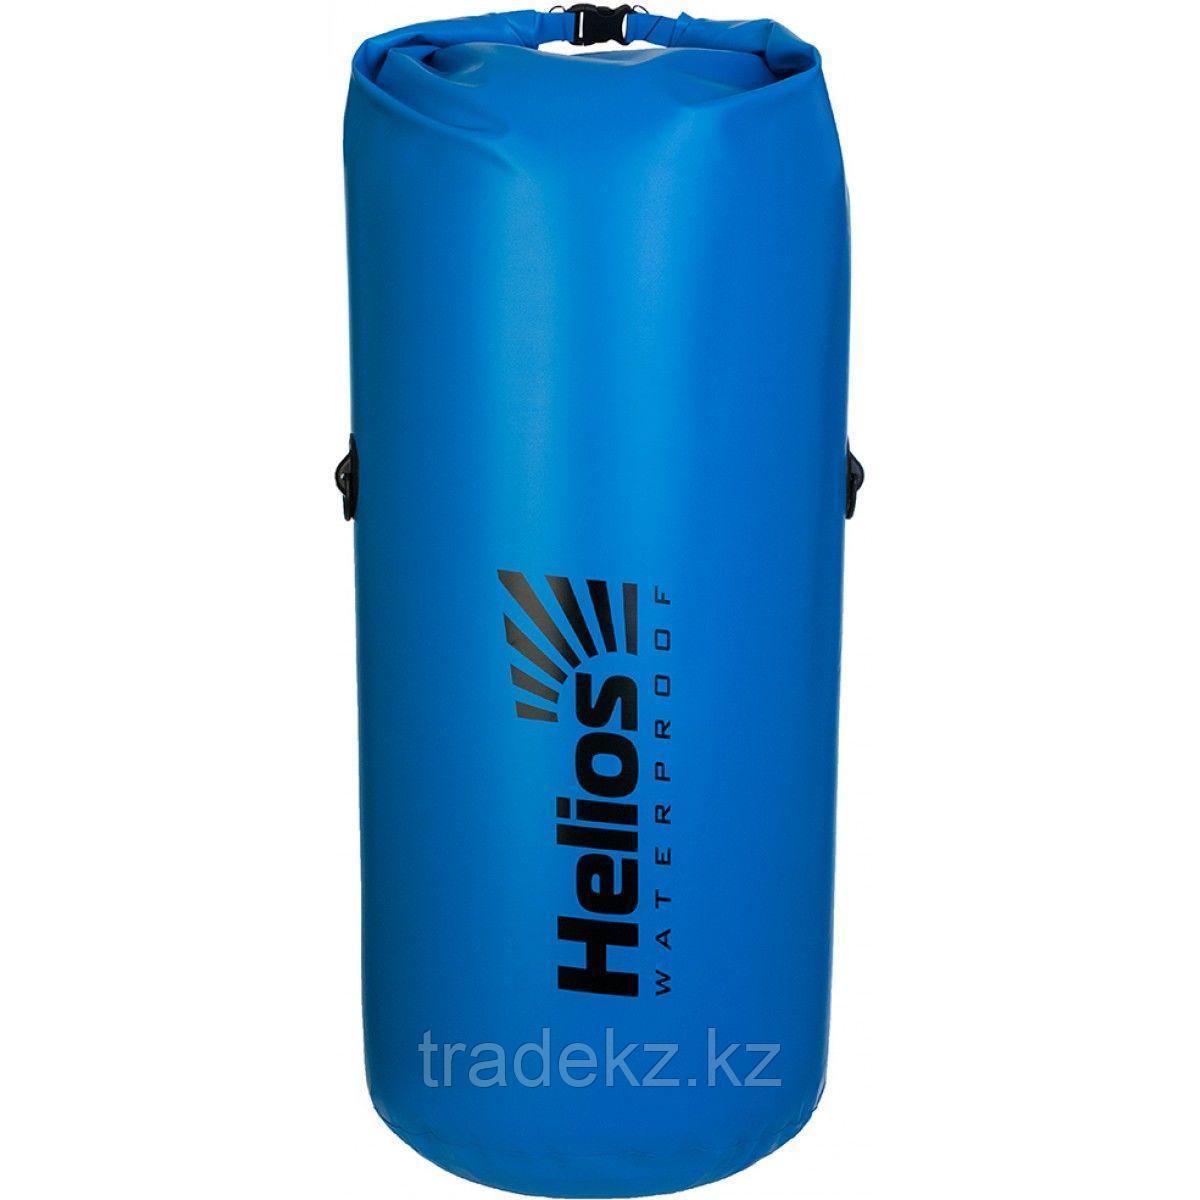 Гермомешок (драйбег) Helios 160 л, цвет синий